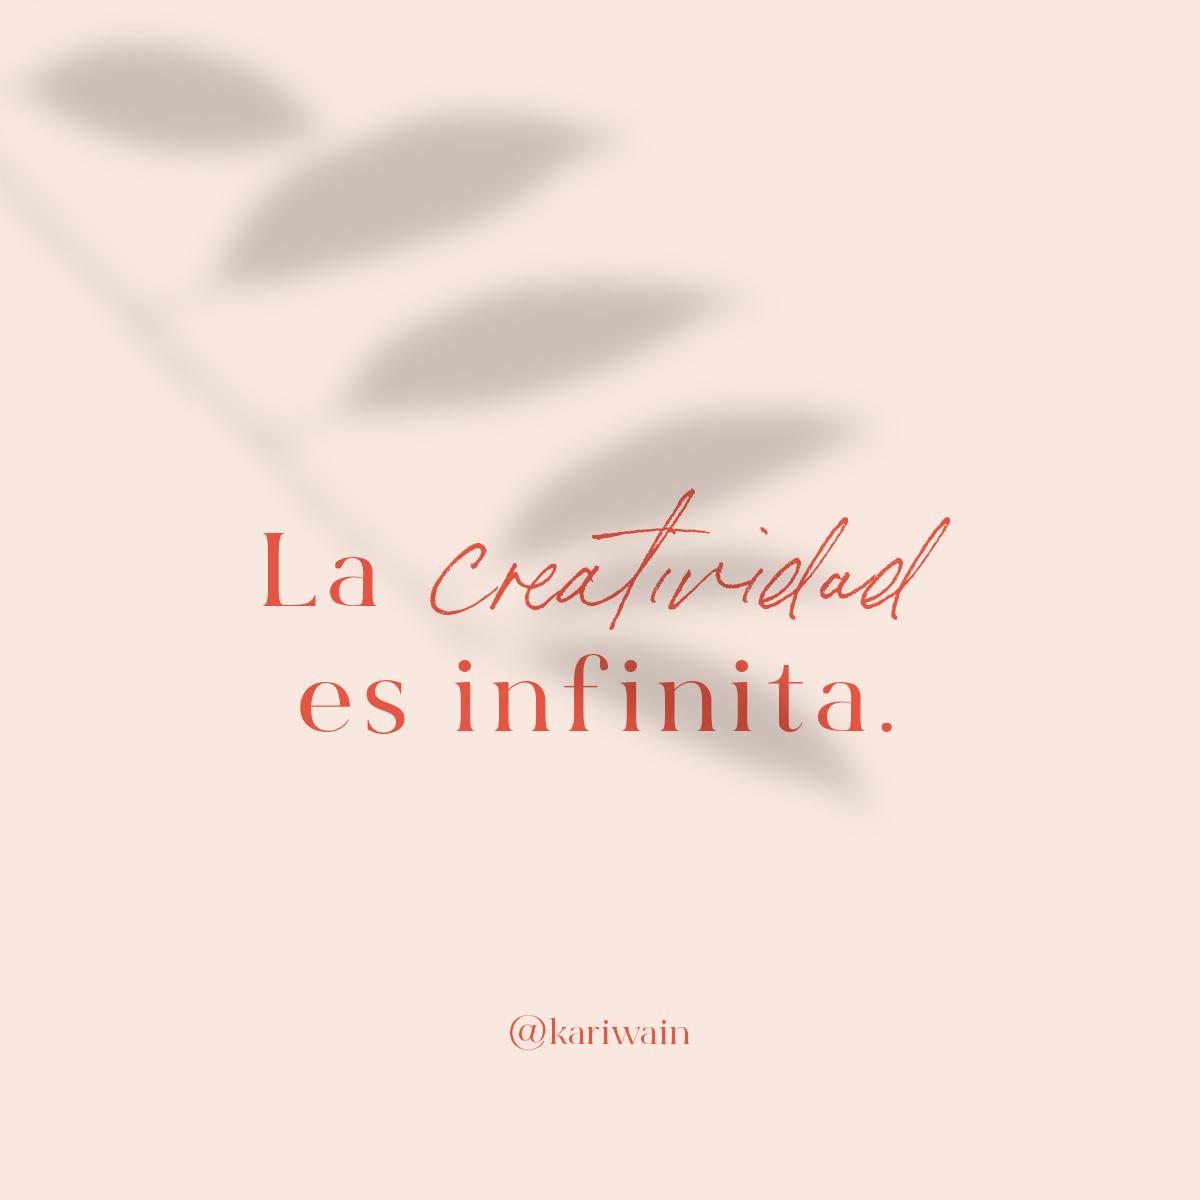 La creatividad es infinita